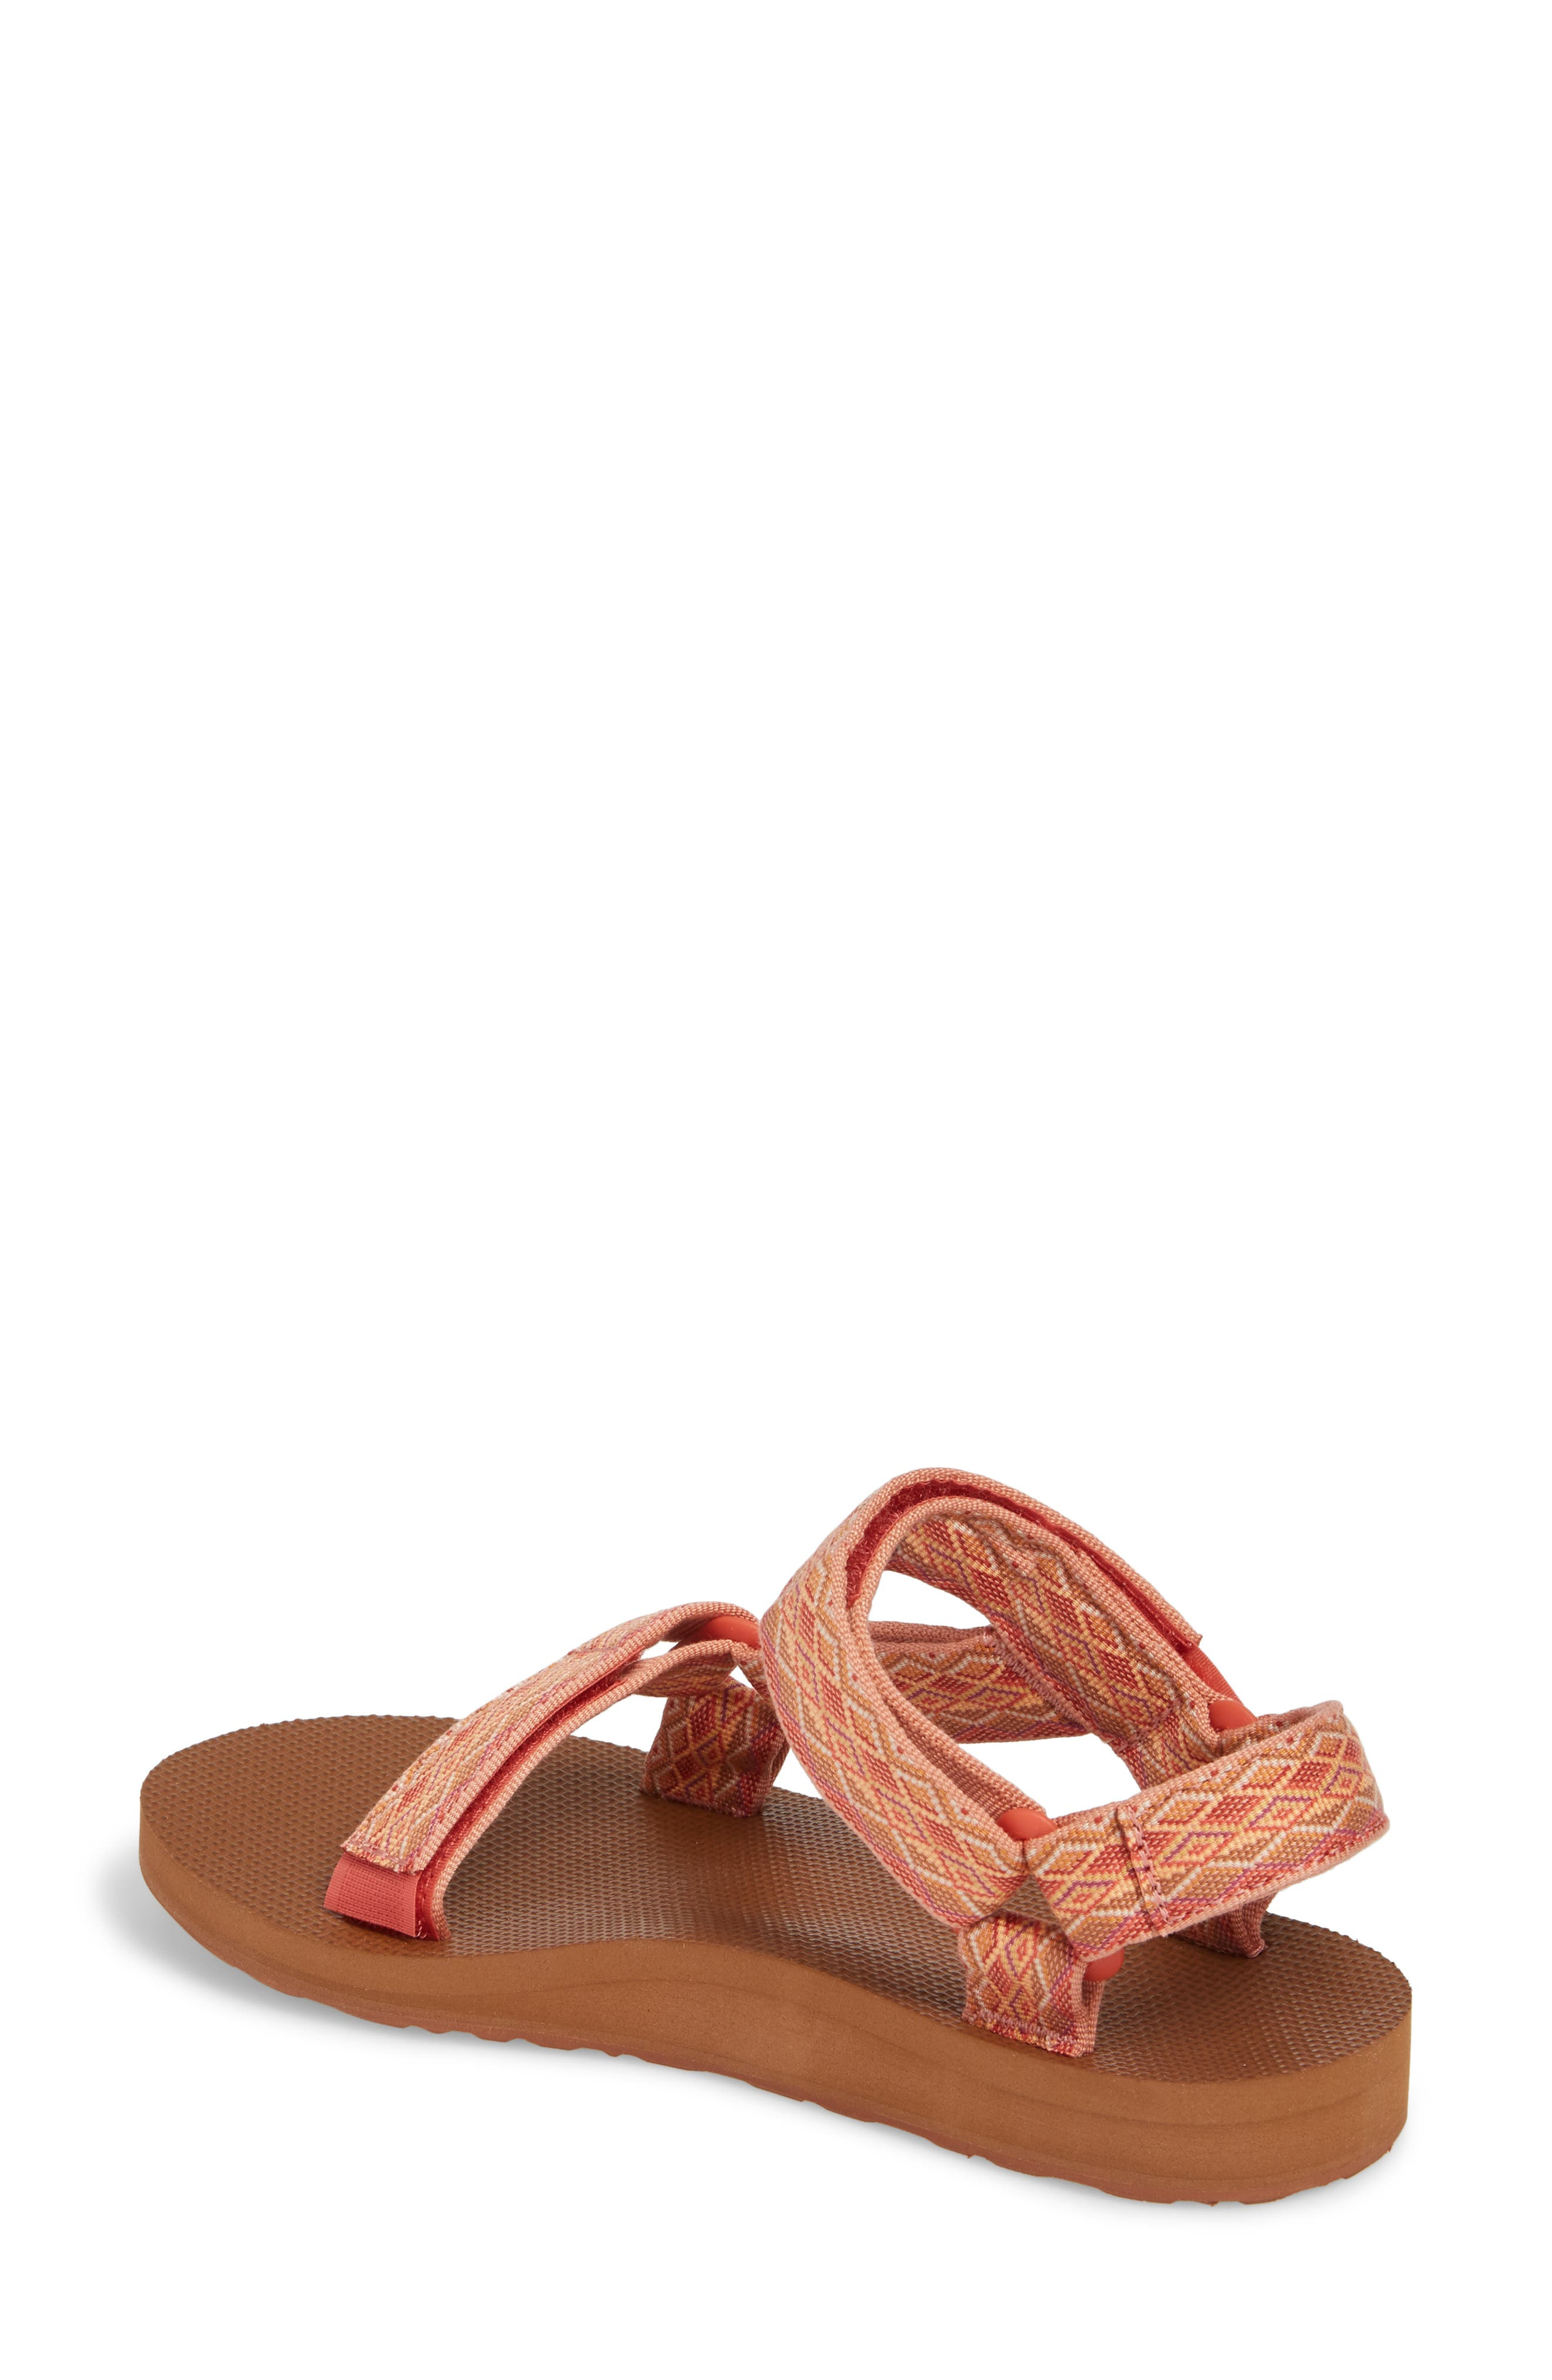 'Original Universal' Sandal,                             Alternate thumbnail 2, color,                             Mirimar Fade Coral Sand